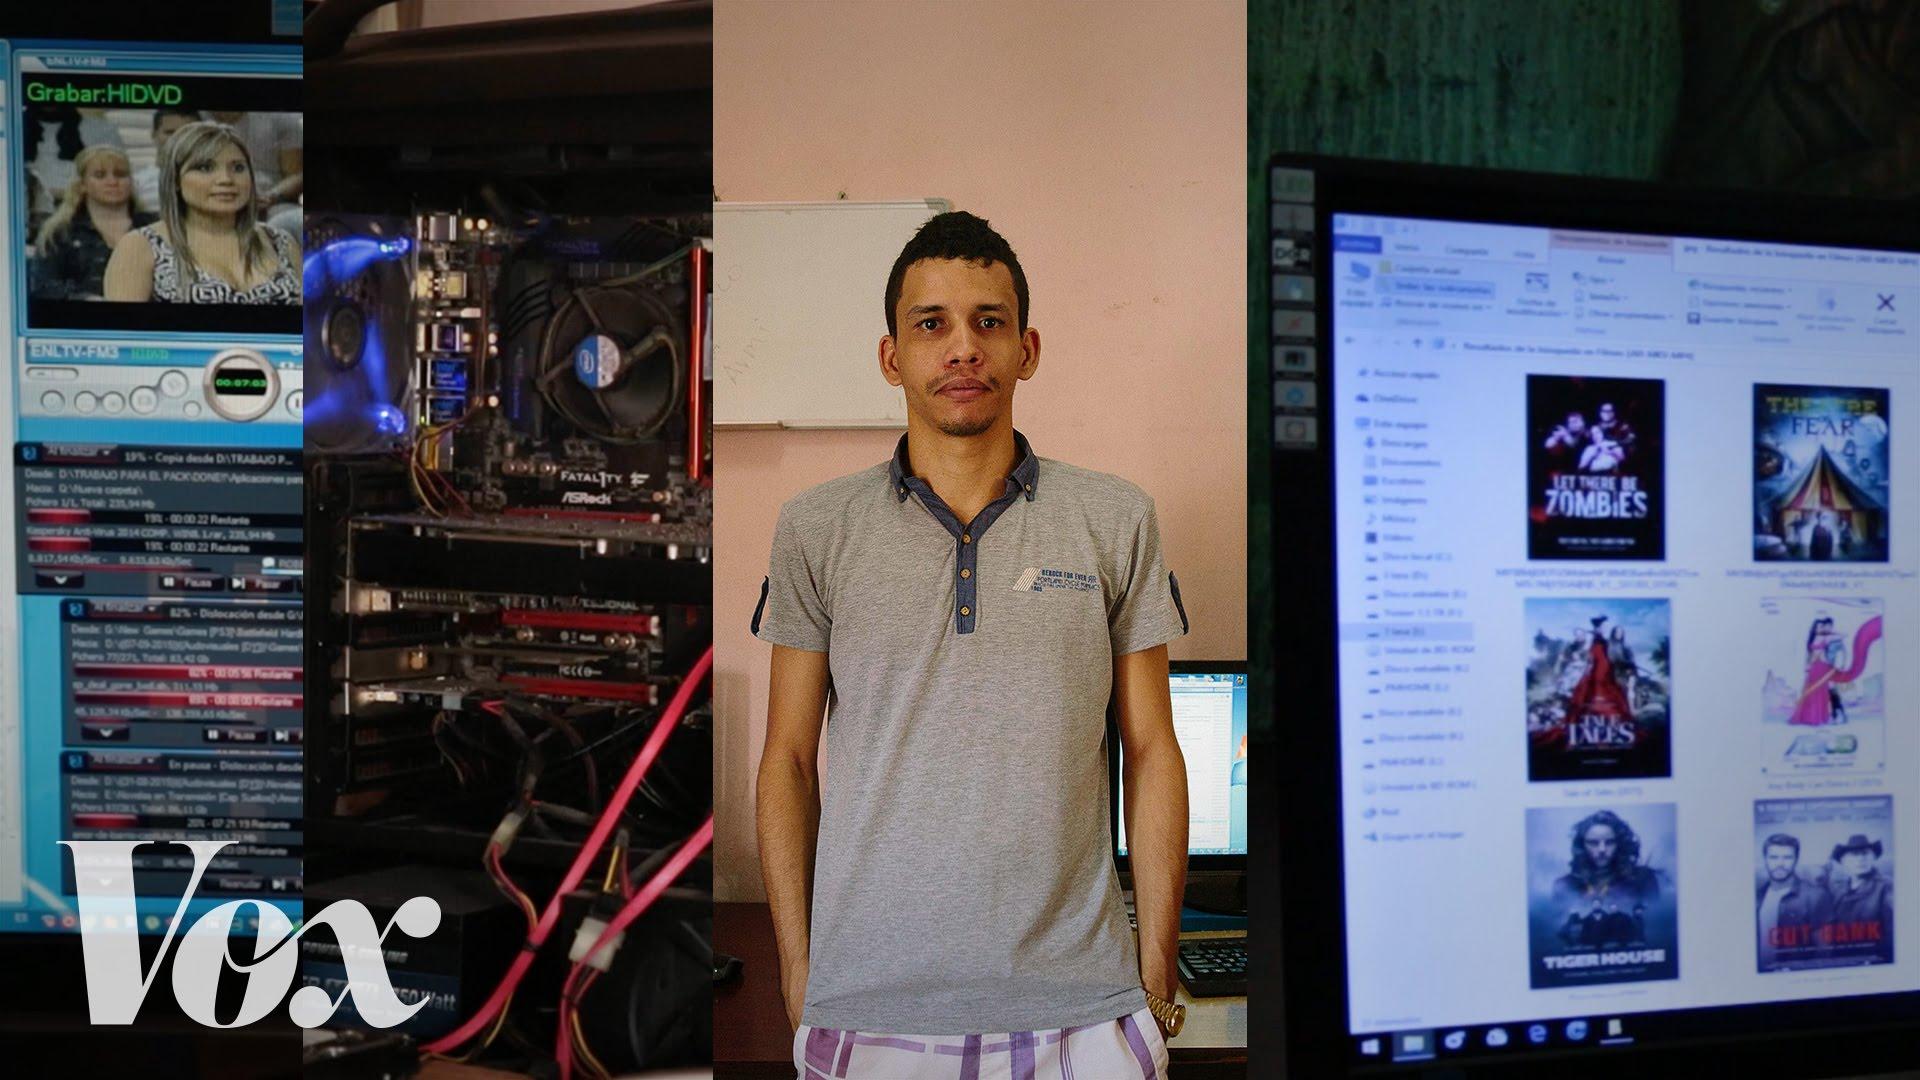 Das illegale Filesharing in Kuba funktioniert ganz ohne Internet